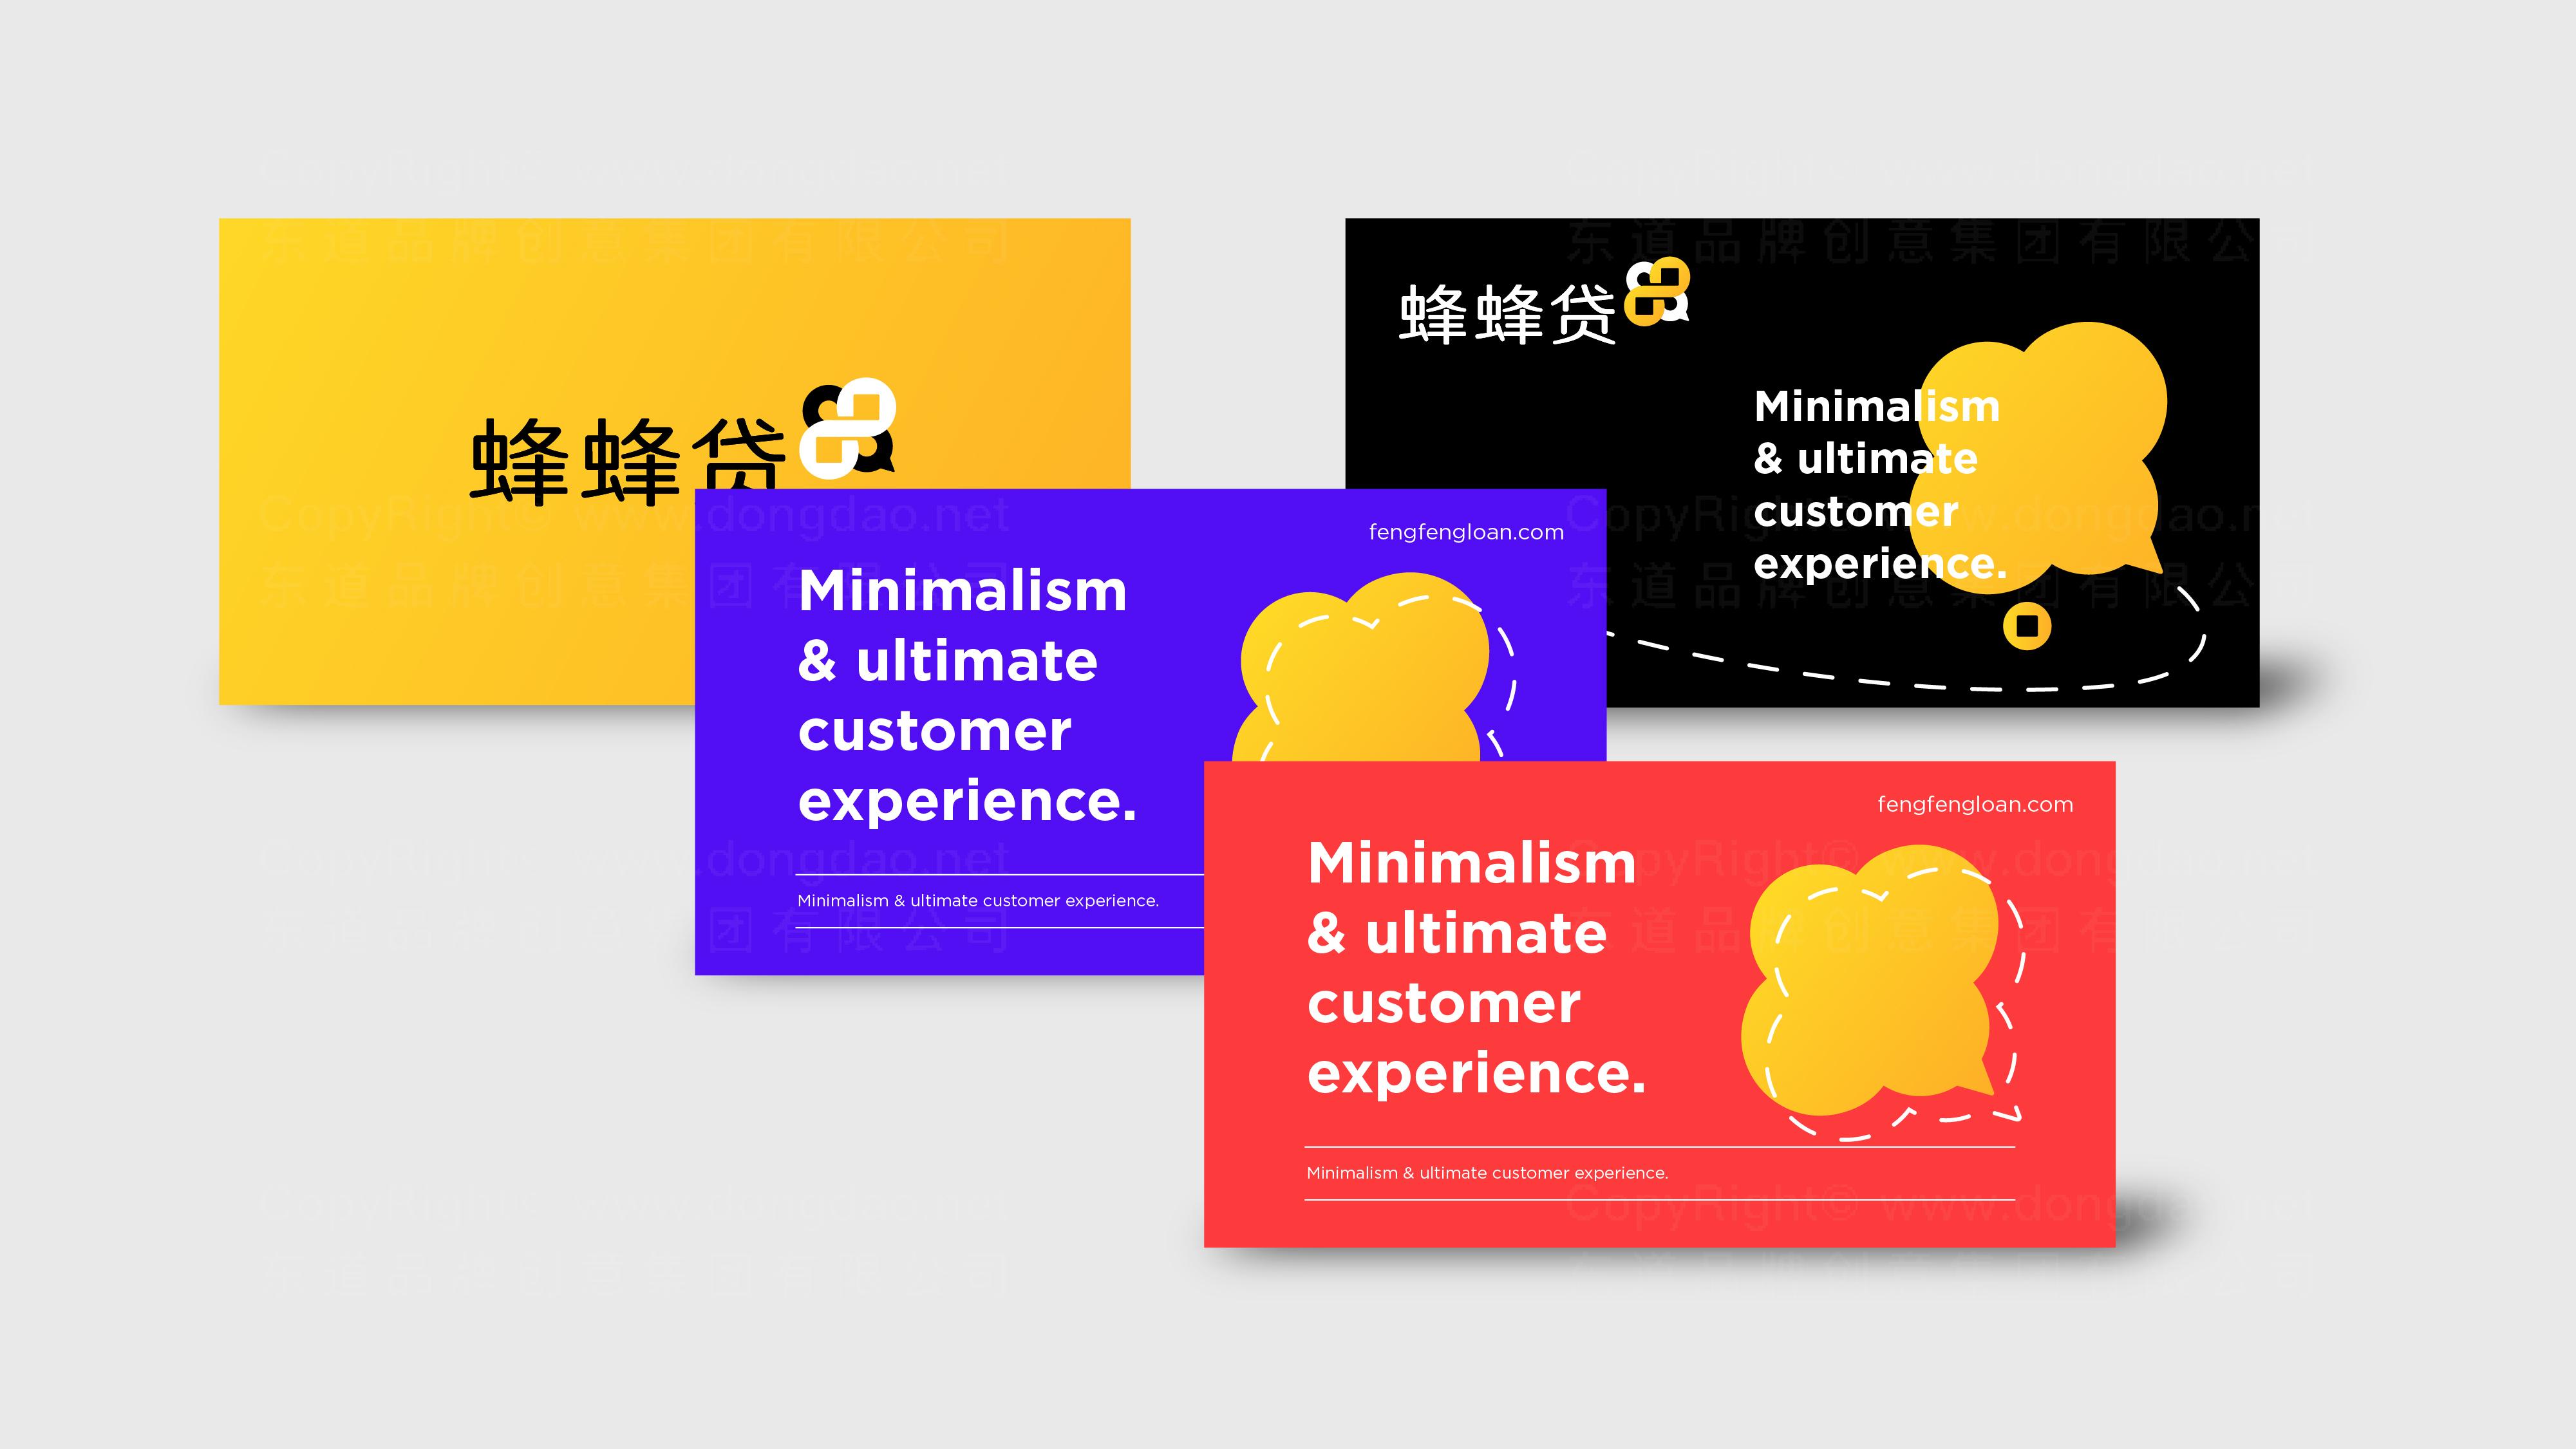 品牌设计蜂蜂贷LOGO&VI设计应用